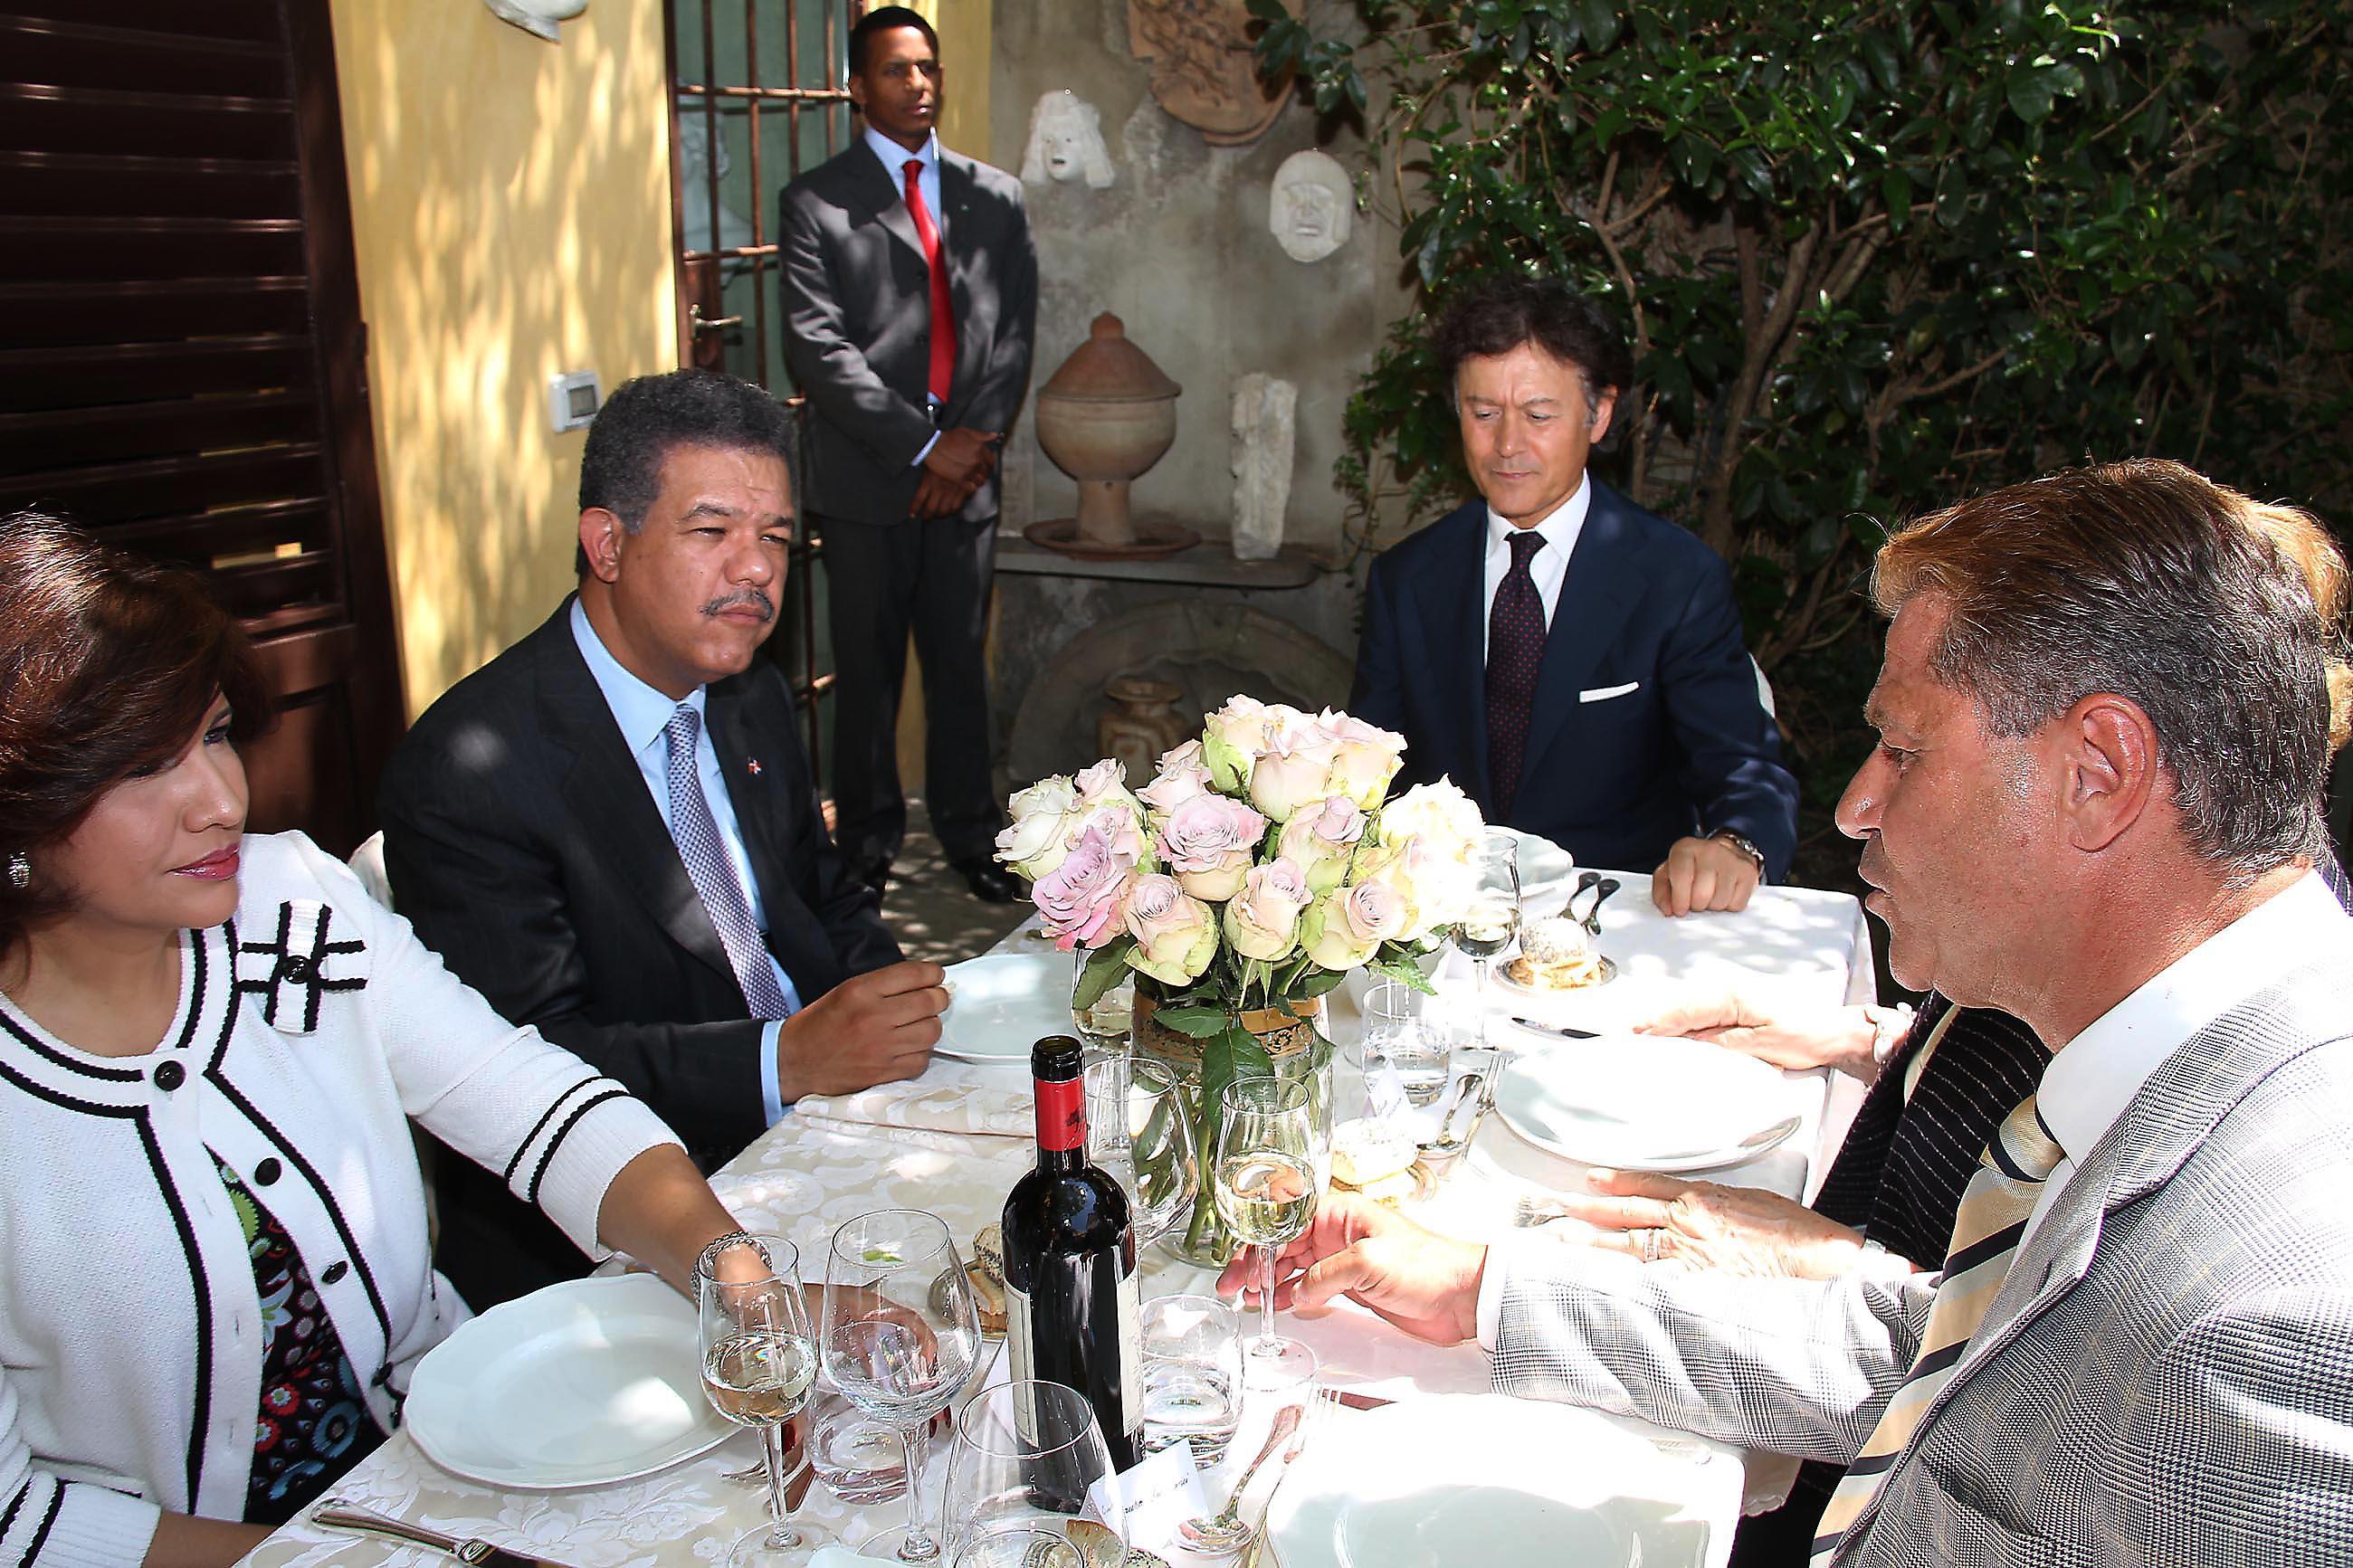 PRESSPHOTO Firenze, pranzo privato in casa di Massimo Listri in occasione della visita del presidente della Rep. Dominicana Leonel Fernandez. In foto il Presidente Fernandez al tavolo con la moglie, Massimo Listri e Mauro Torriani